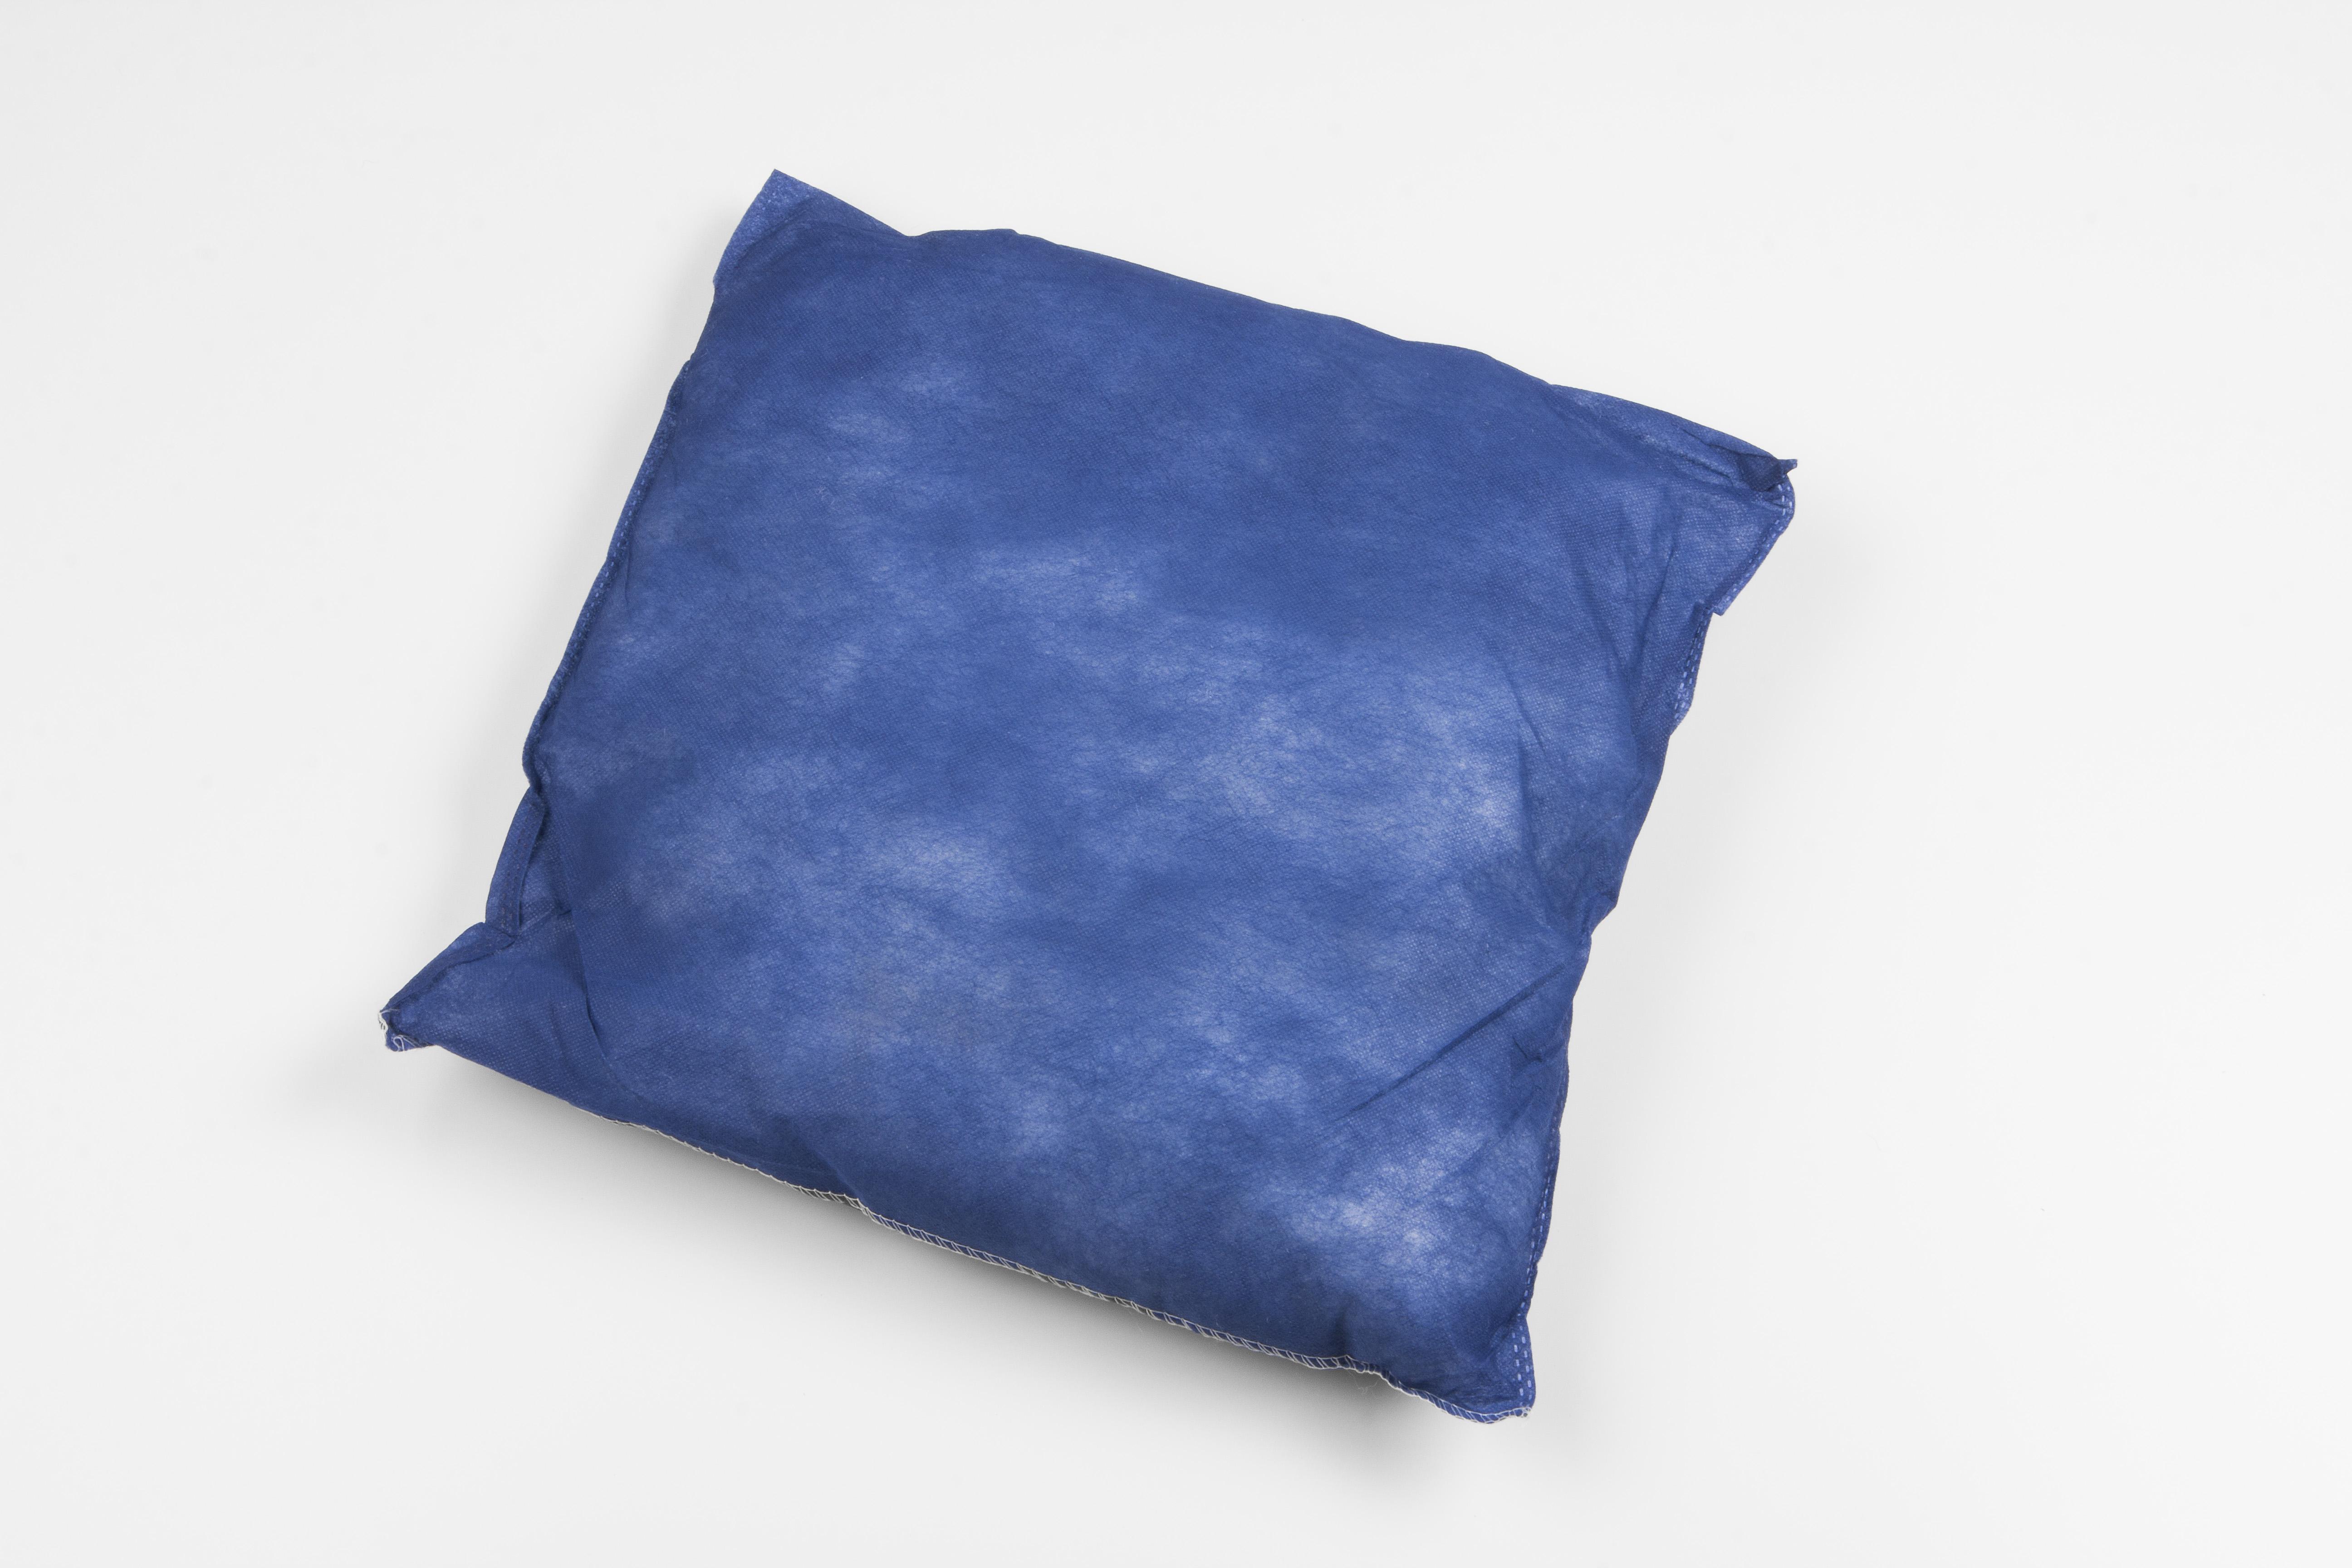 Einmalkissen blau 40x40 cm